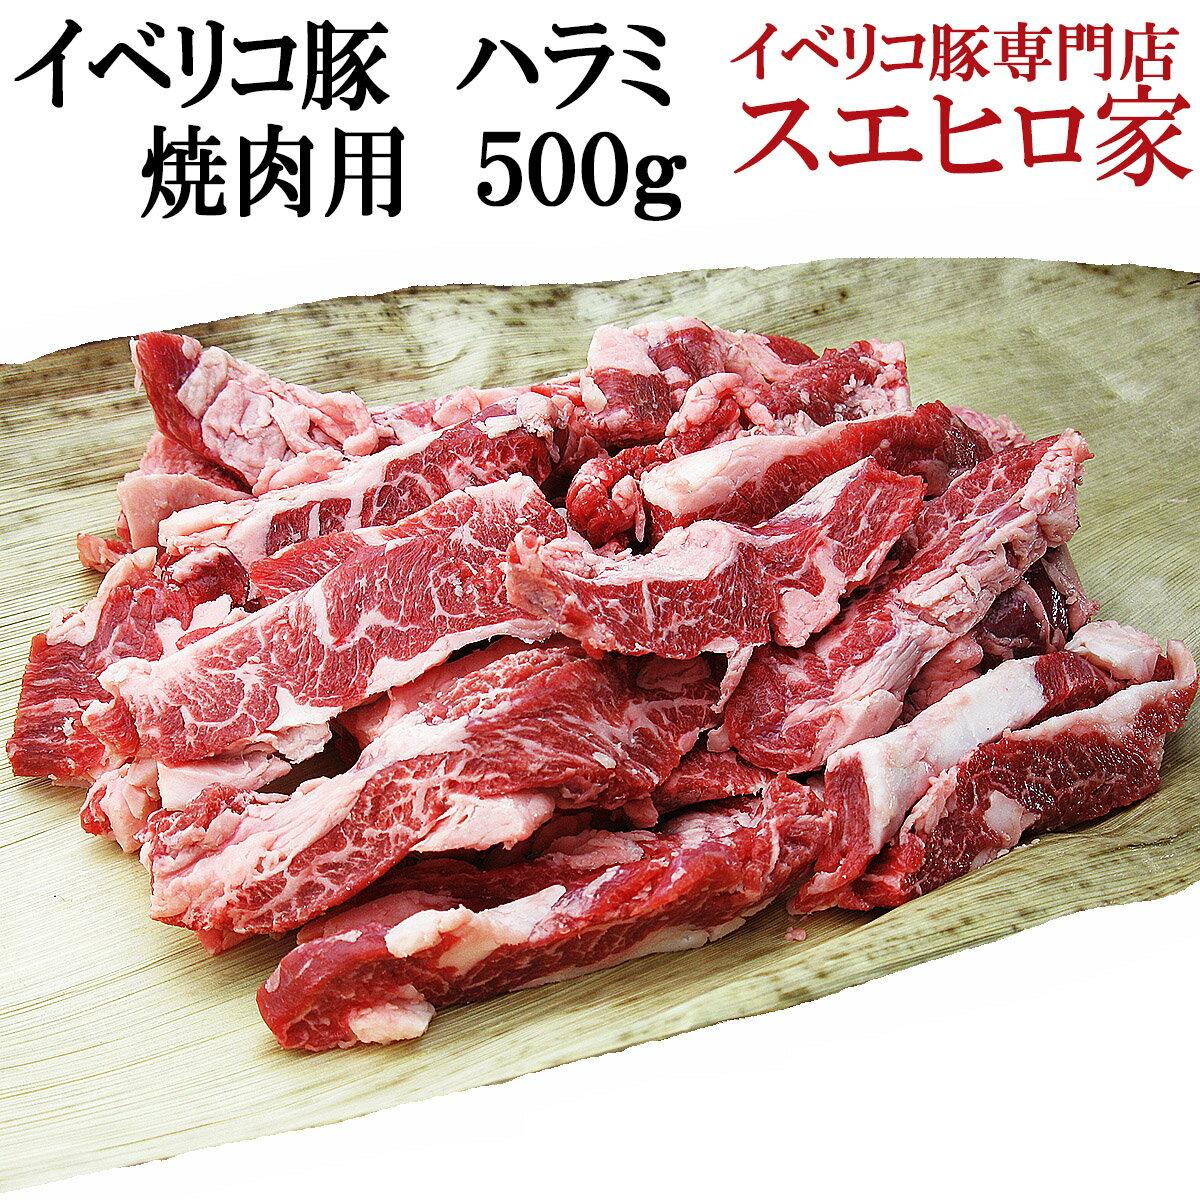 イベリコ豚ハラミ(はらみ)焼肉用 500g(約3人前) bbq バーベキュー 肉 セット 豚肉 網焼き 焼き肉 ギフト お歳暮 お中元 父の日 お取り寄せ